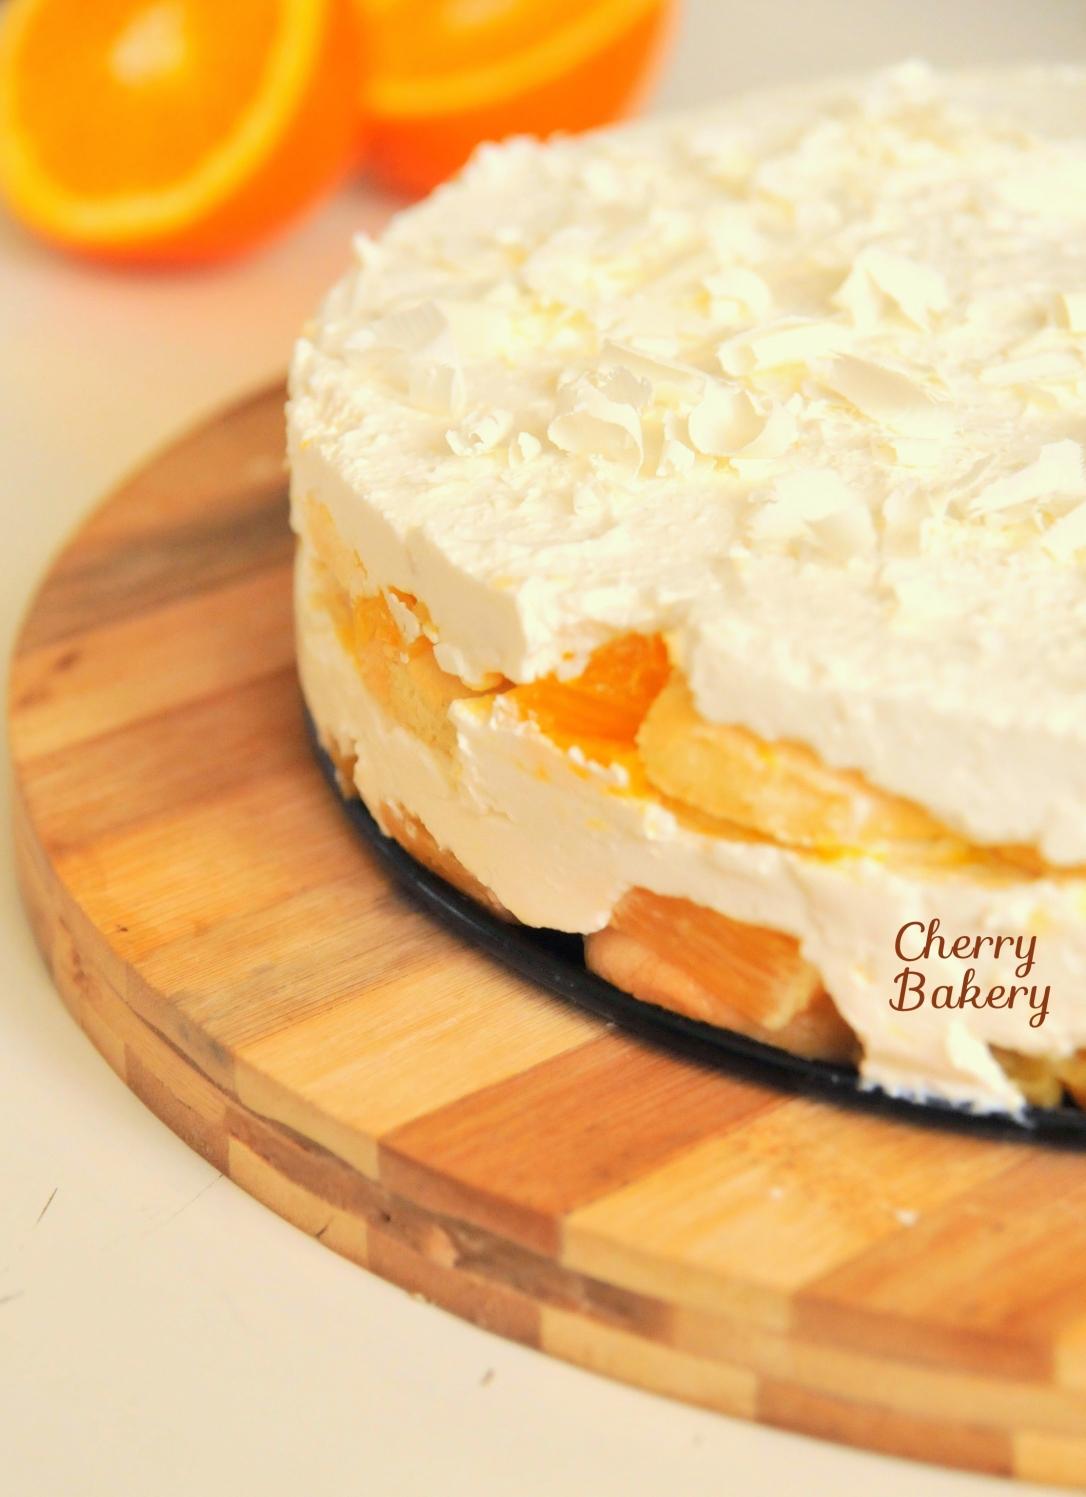 cake-whole-label